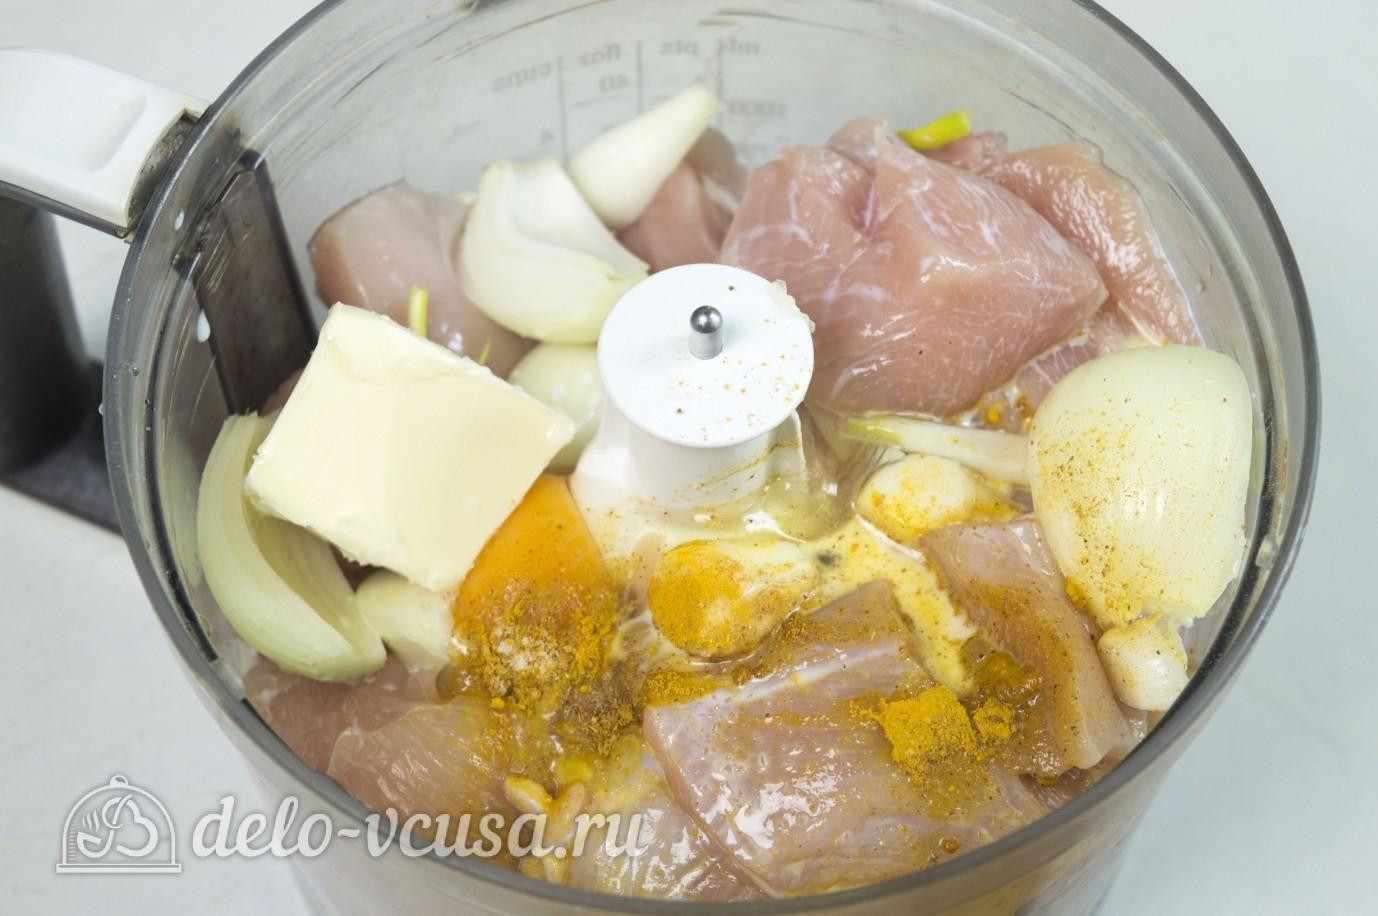 Сосиски куриные с сыром: Сделать фарш